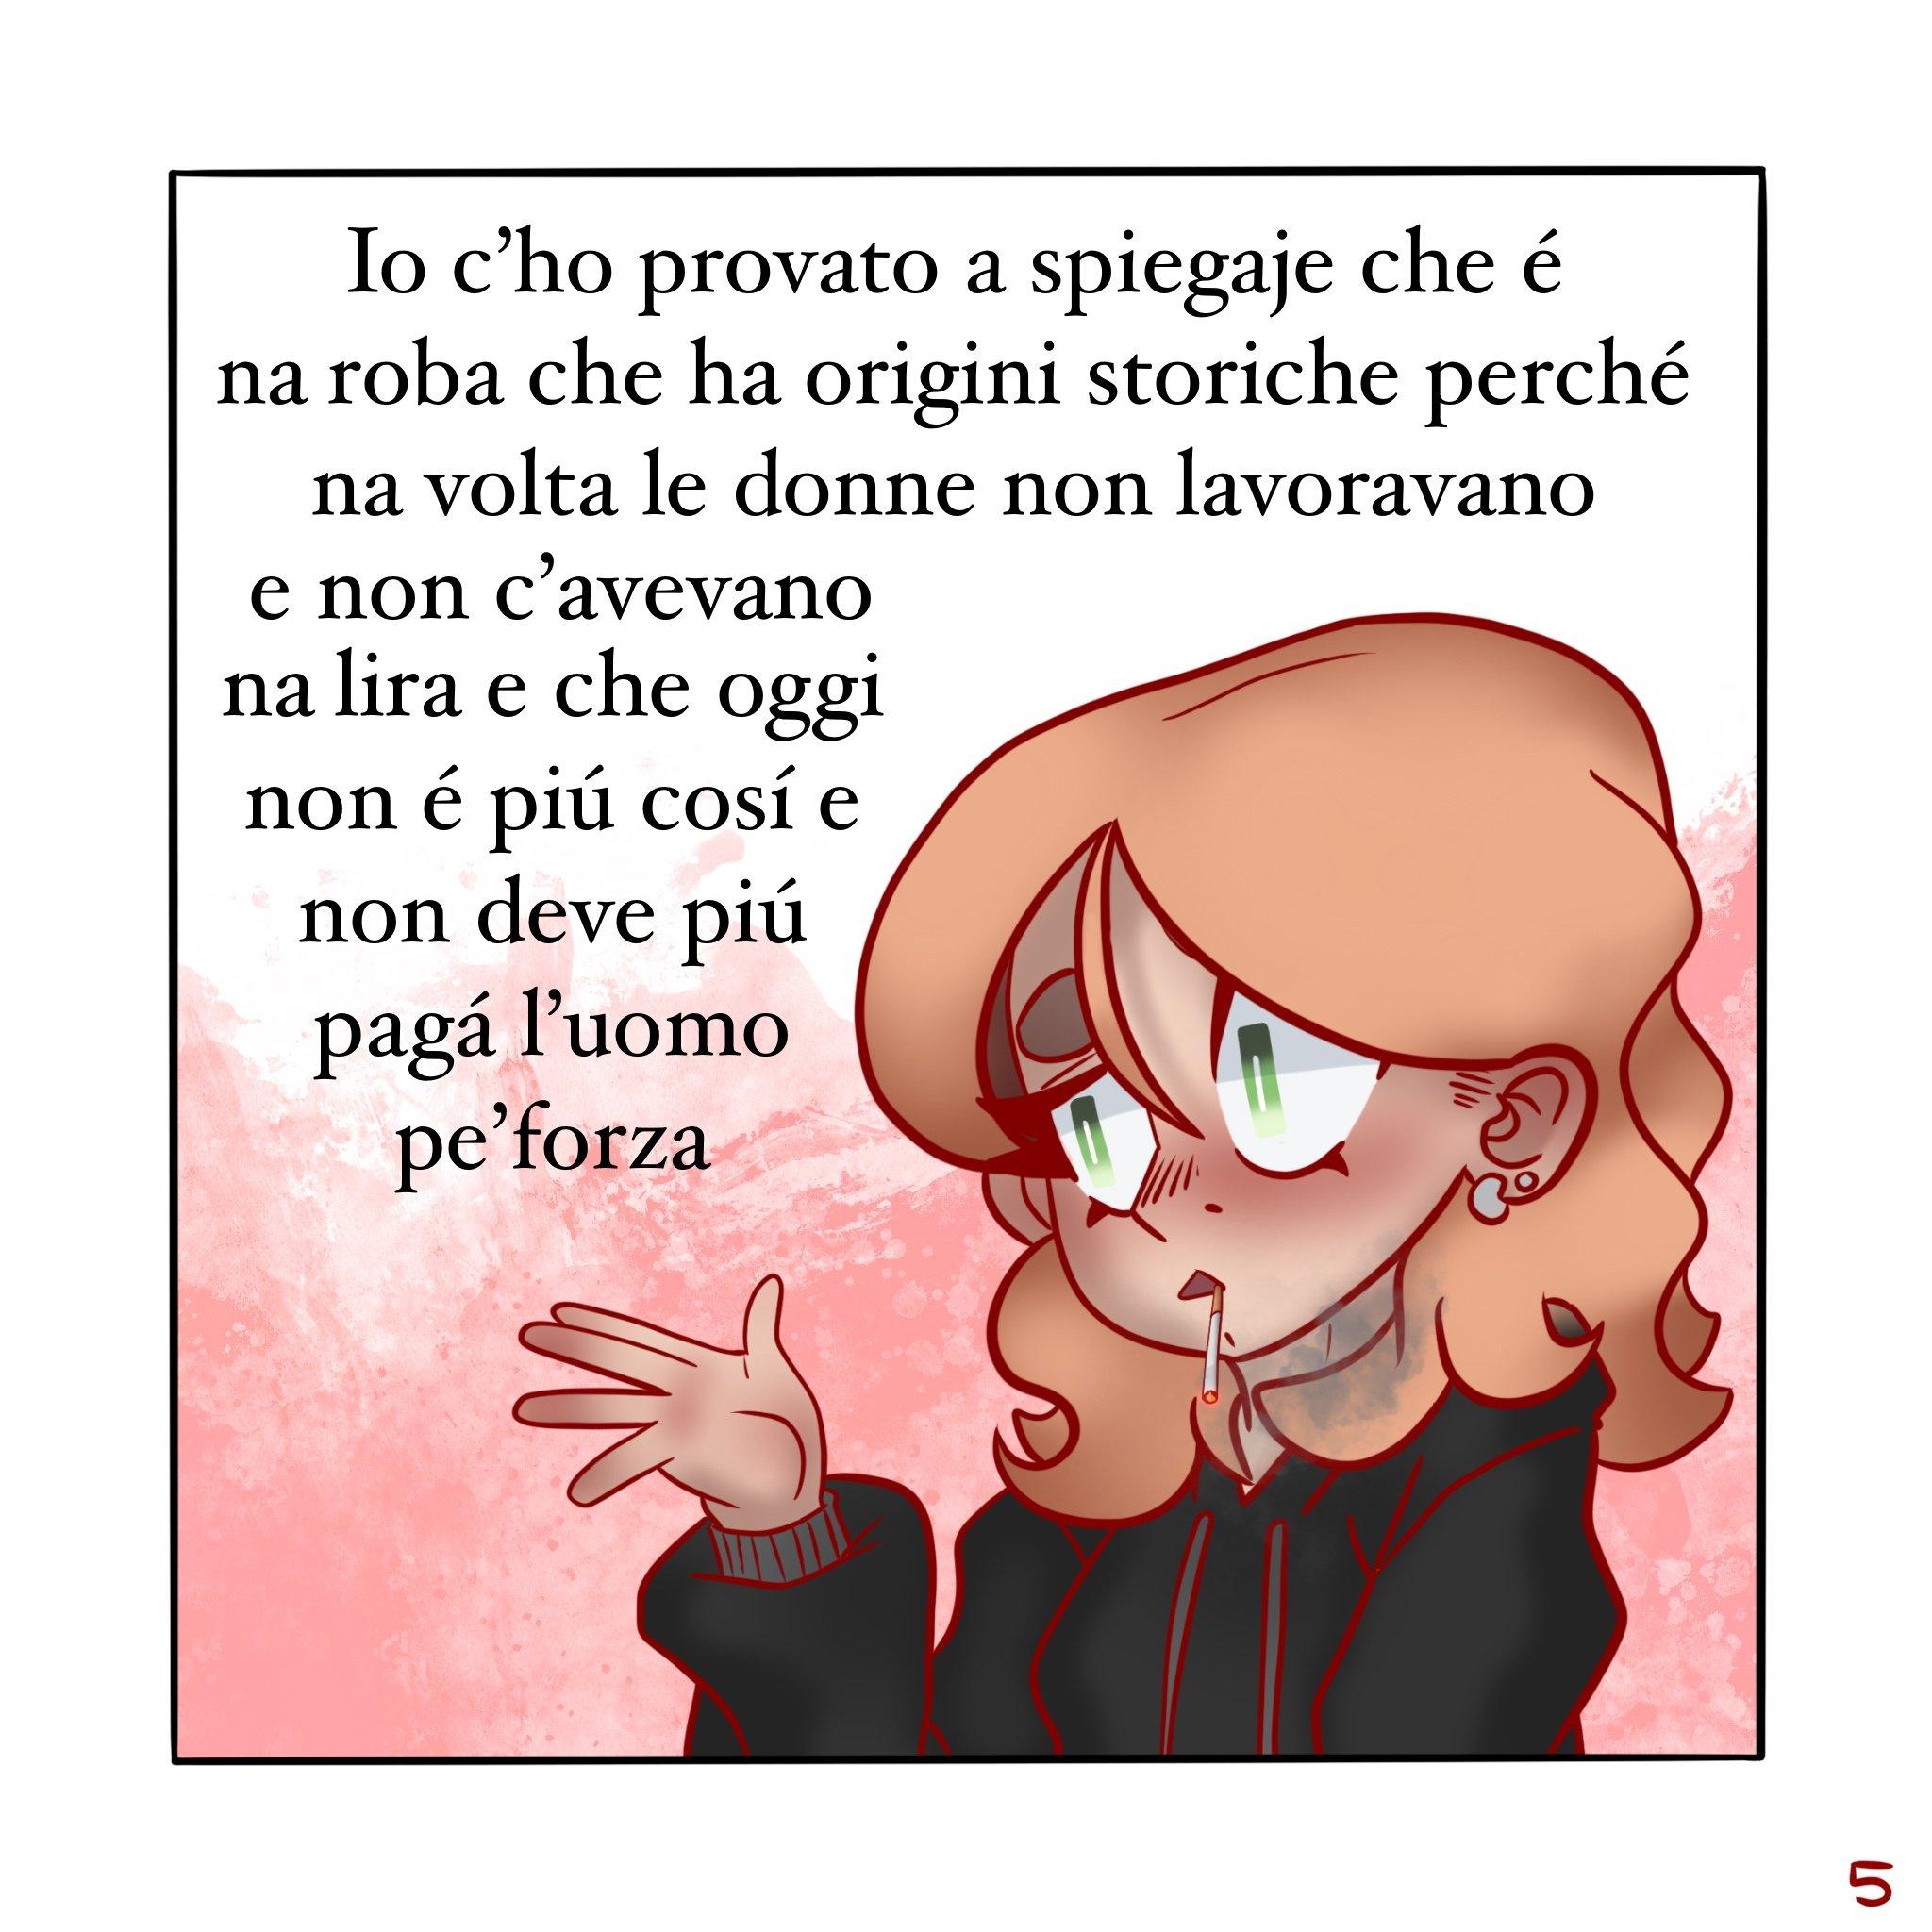 Rosico